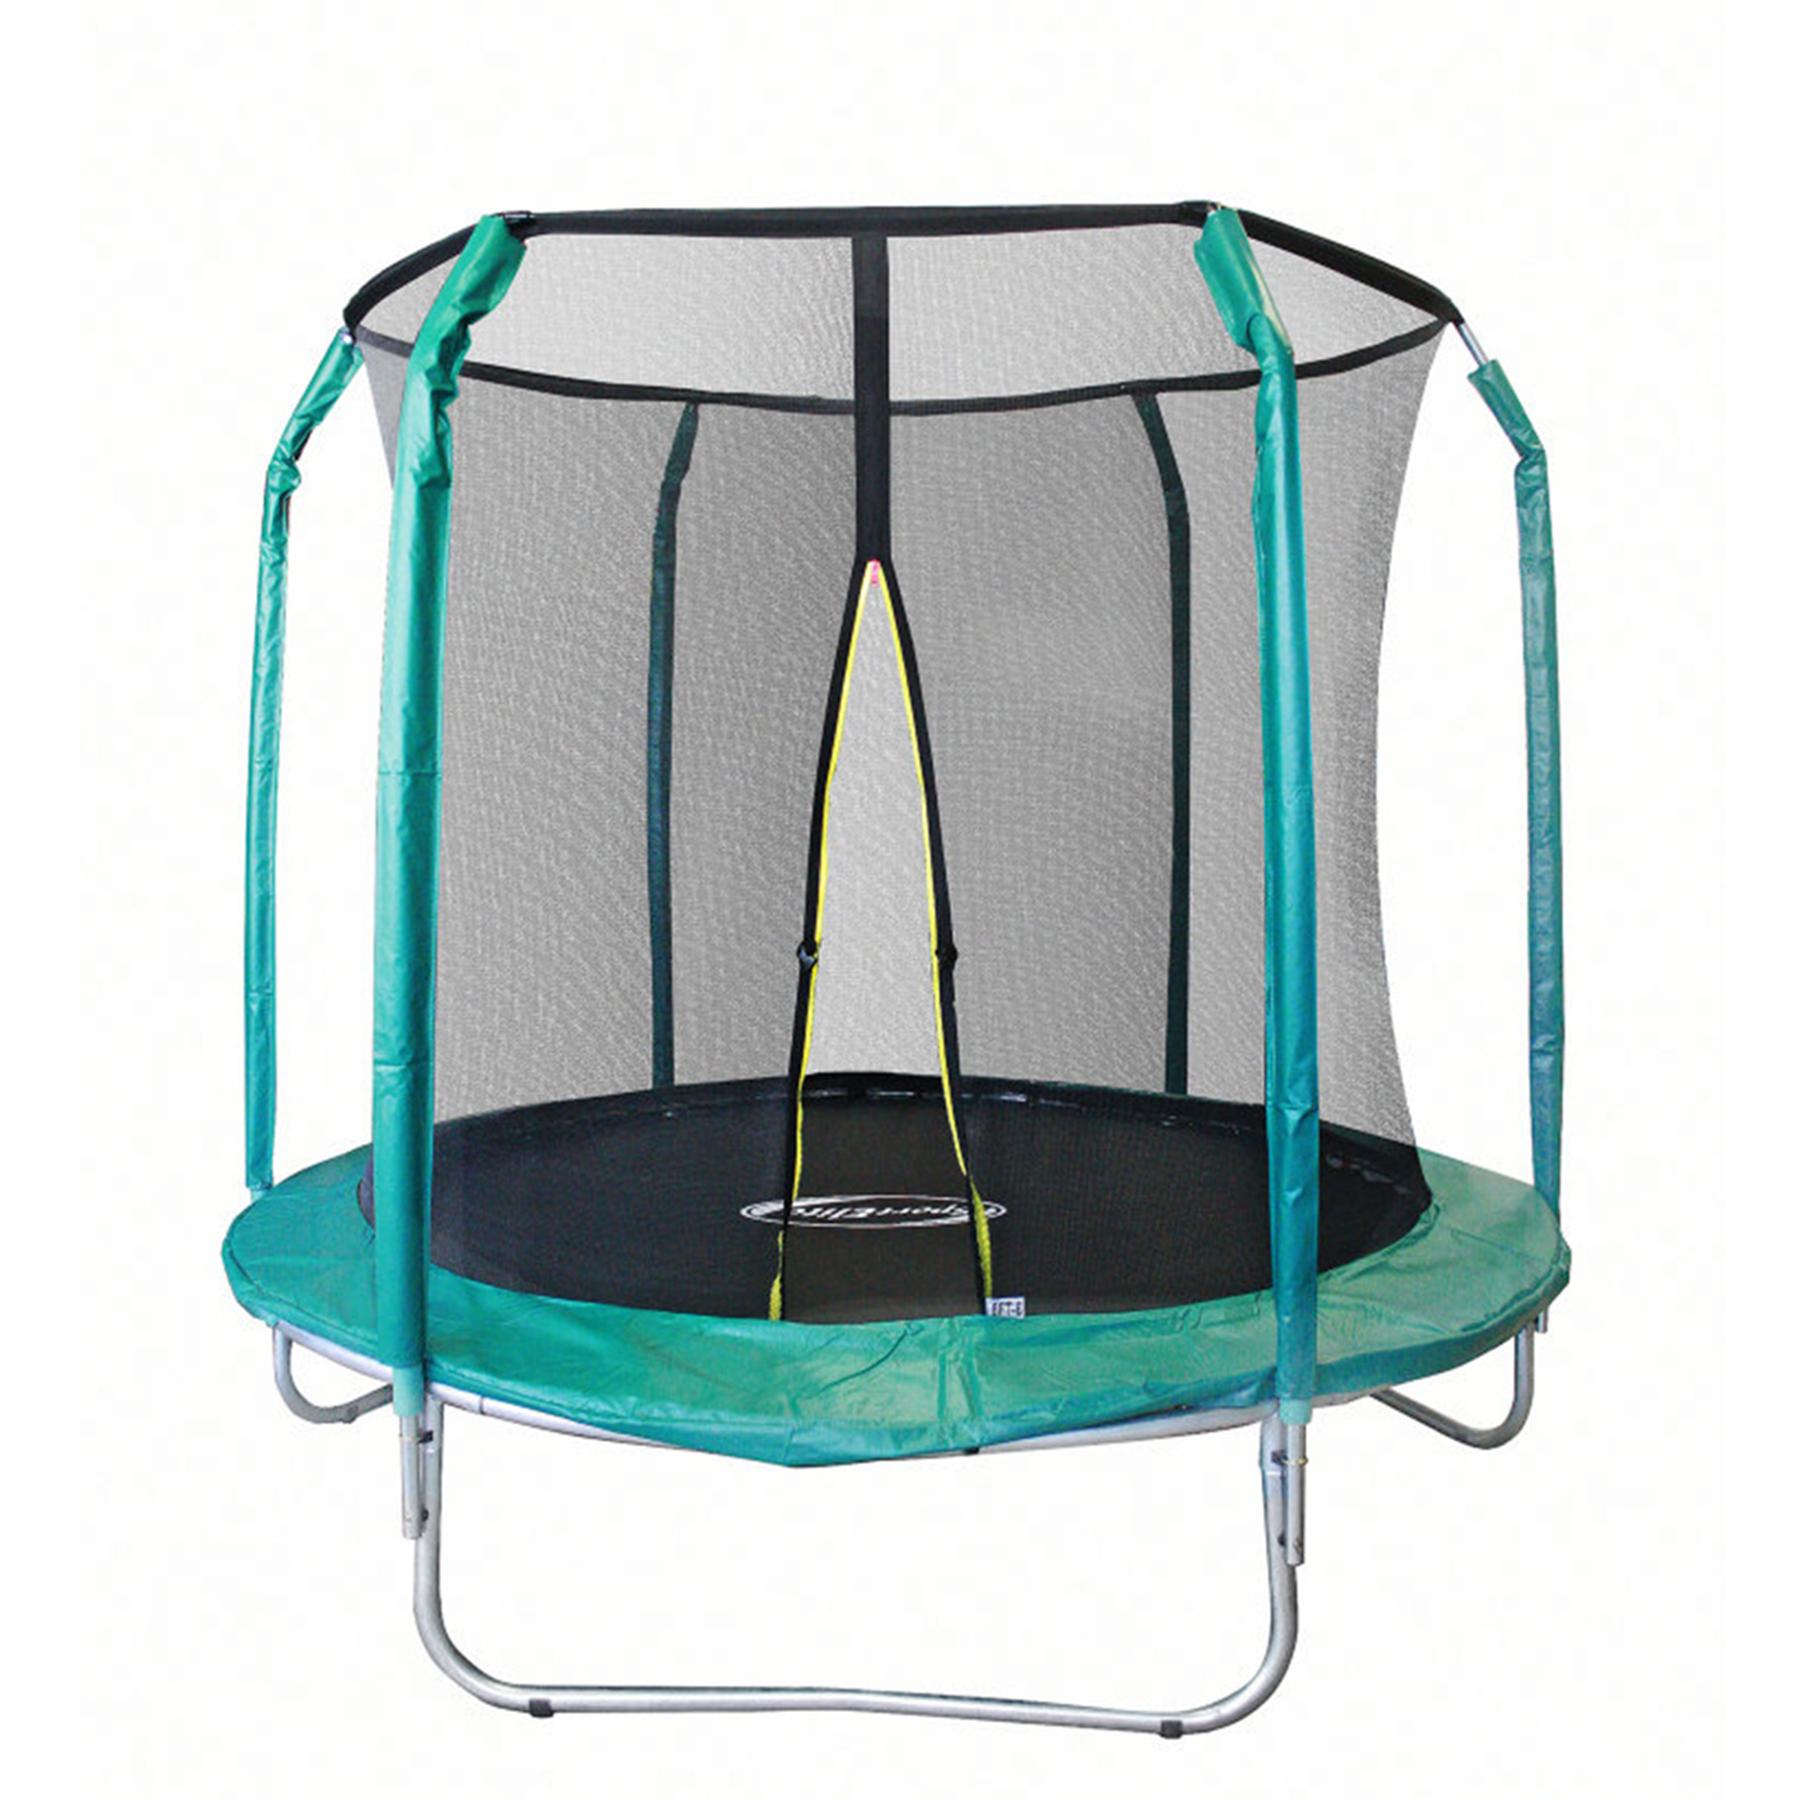 Батут с защит.сеткой (внутрь) без лест. 244 см  8FT-GB10201